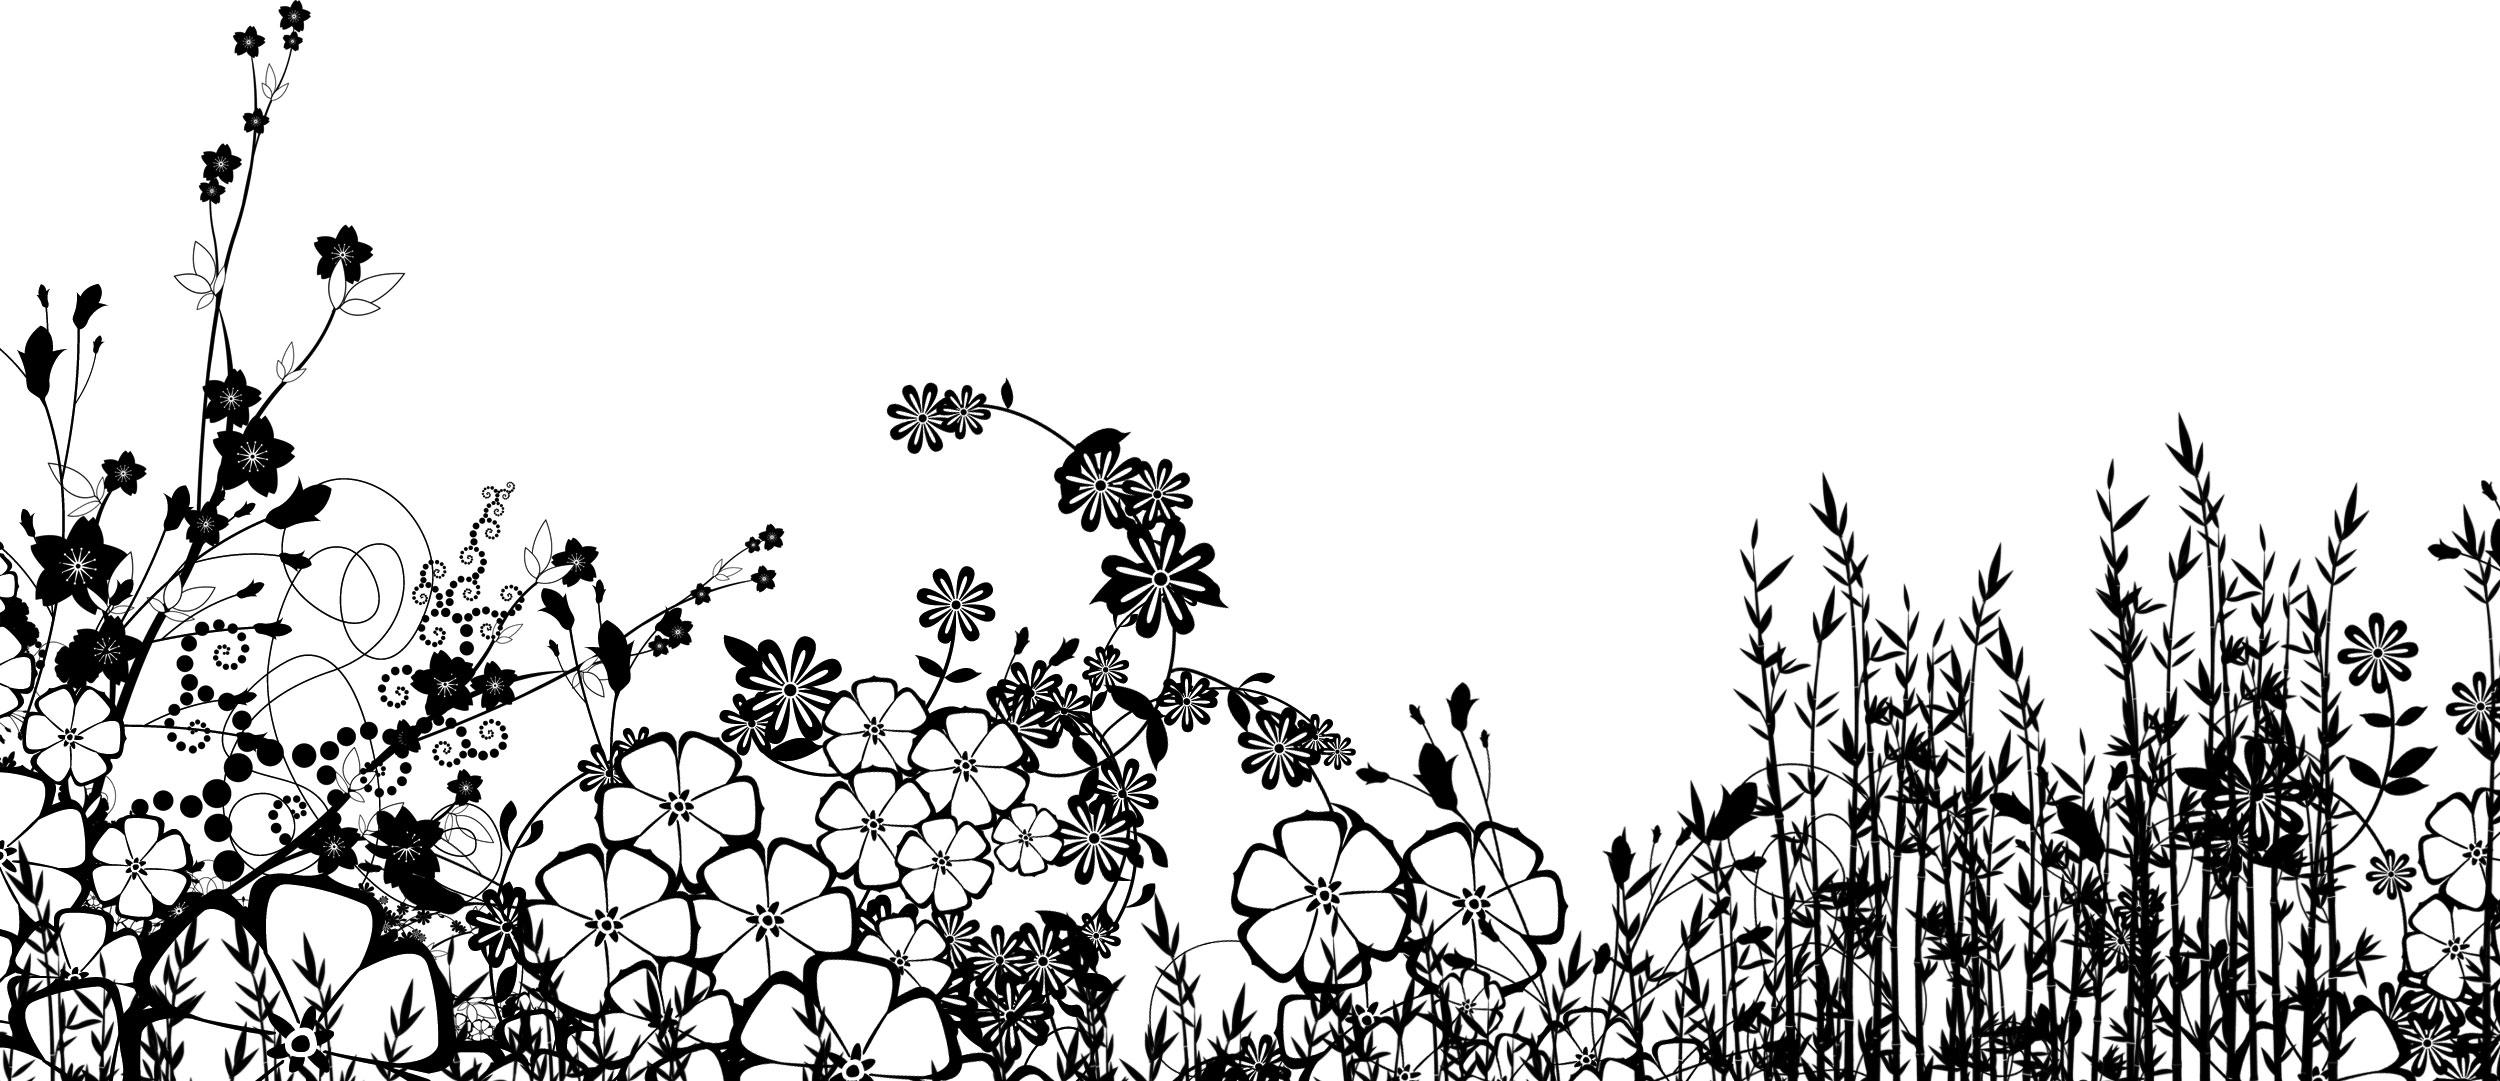 花のイラストフリー素材白黒モノクロno626白黒草花畑